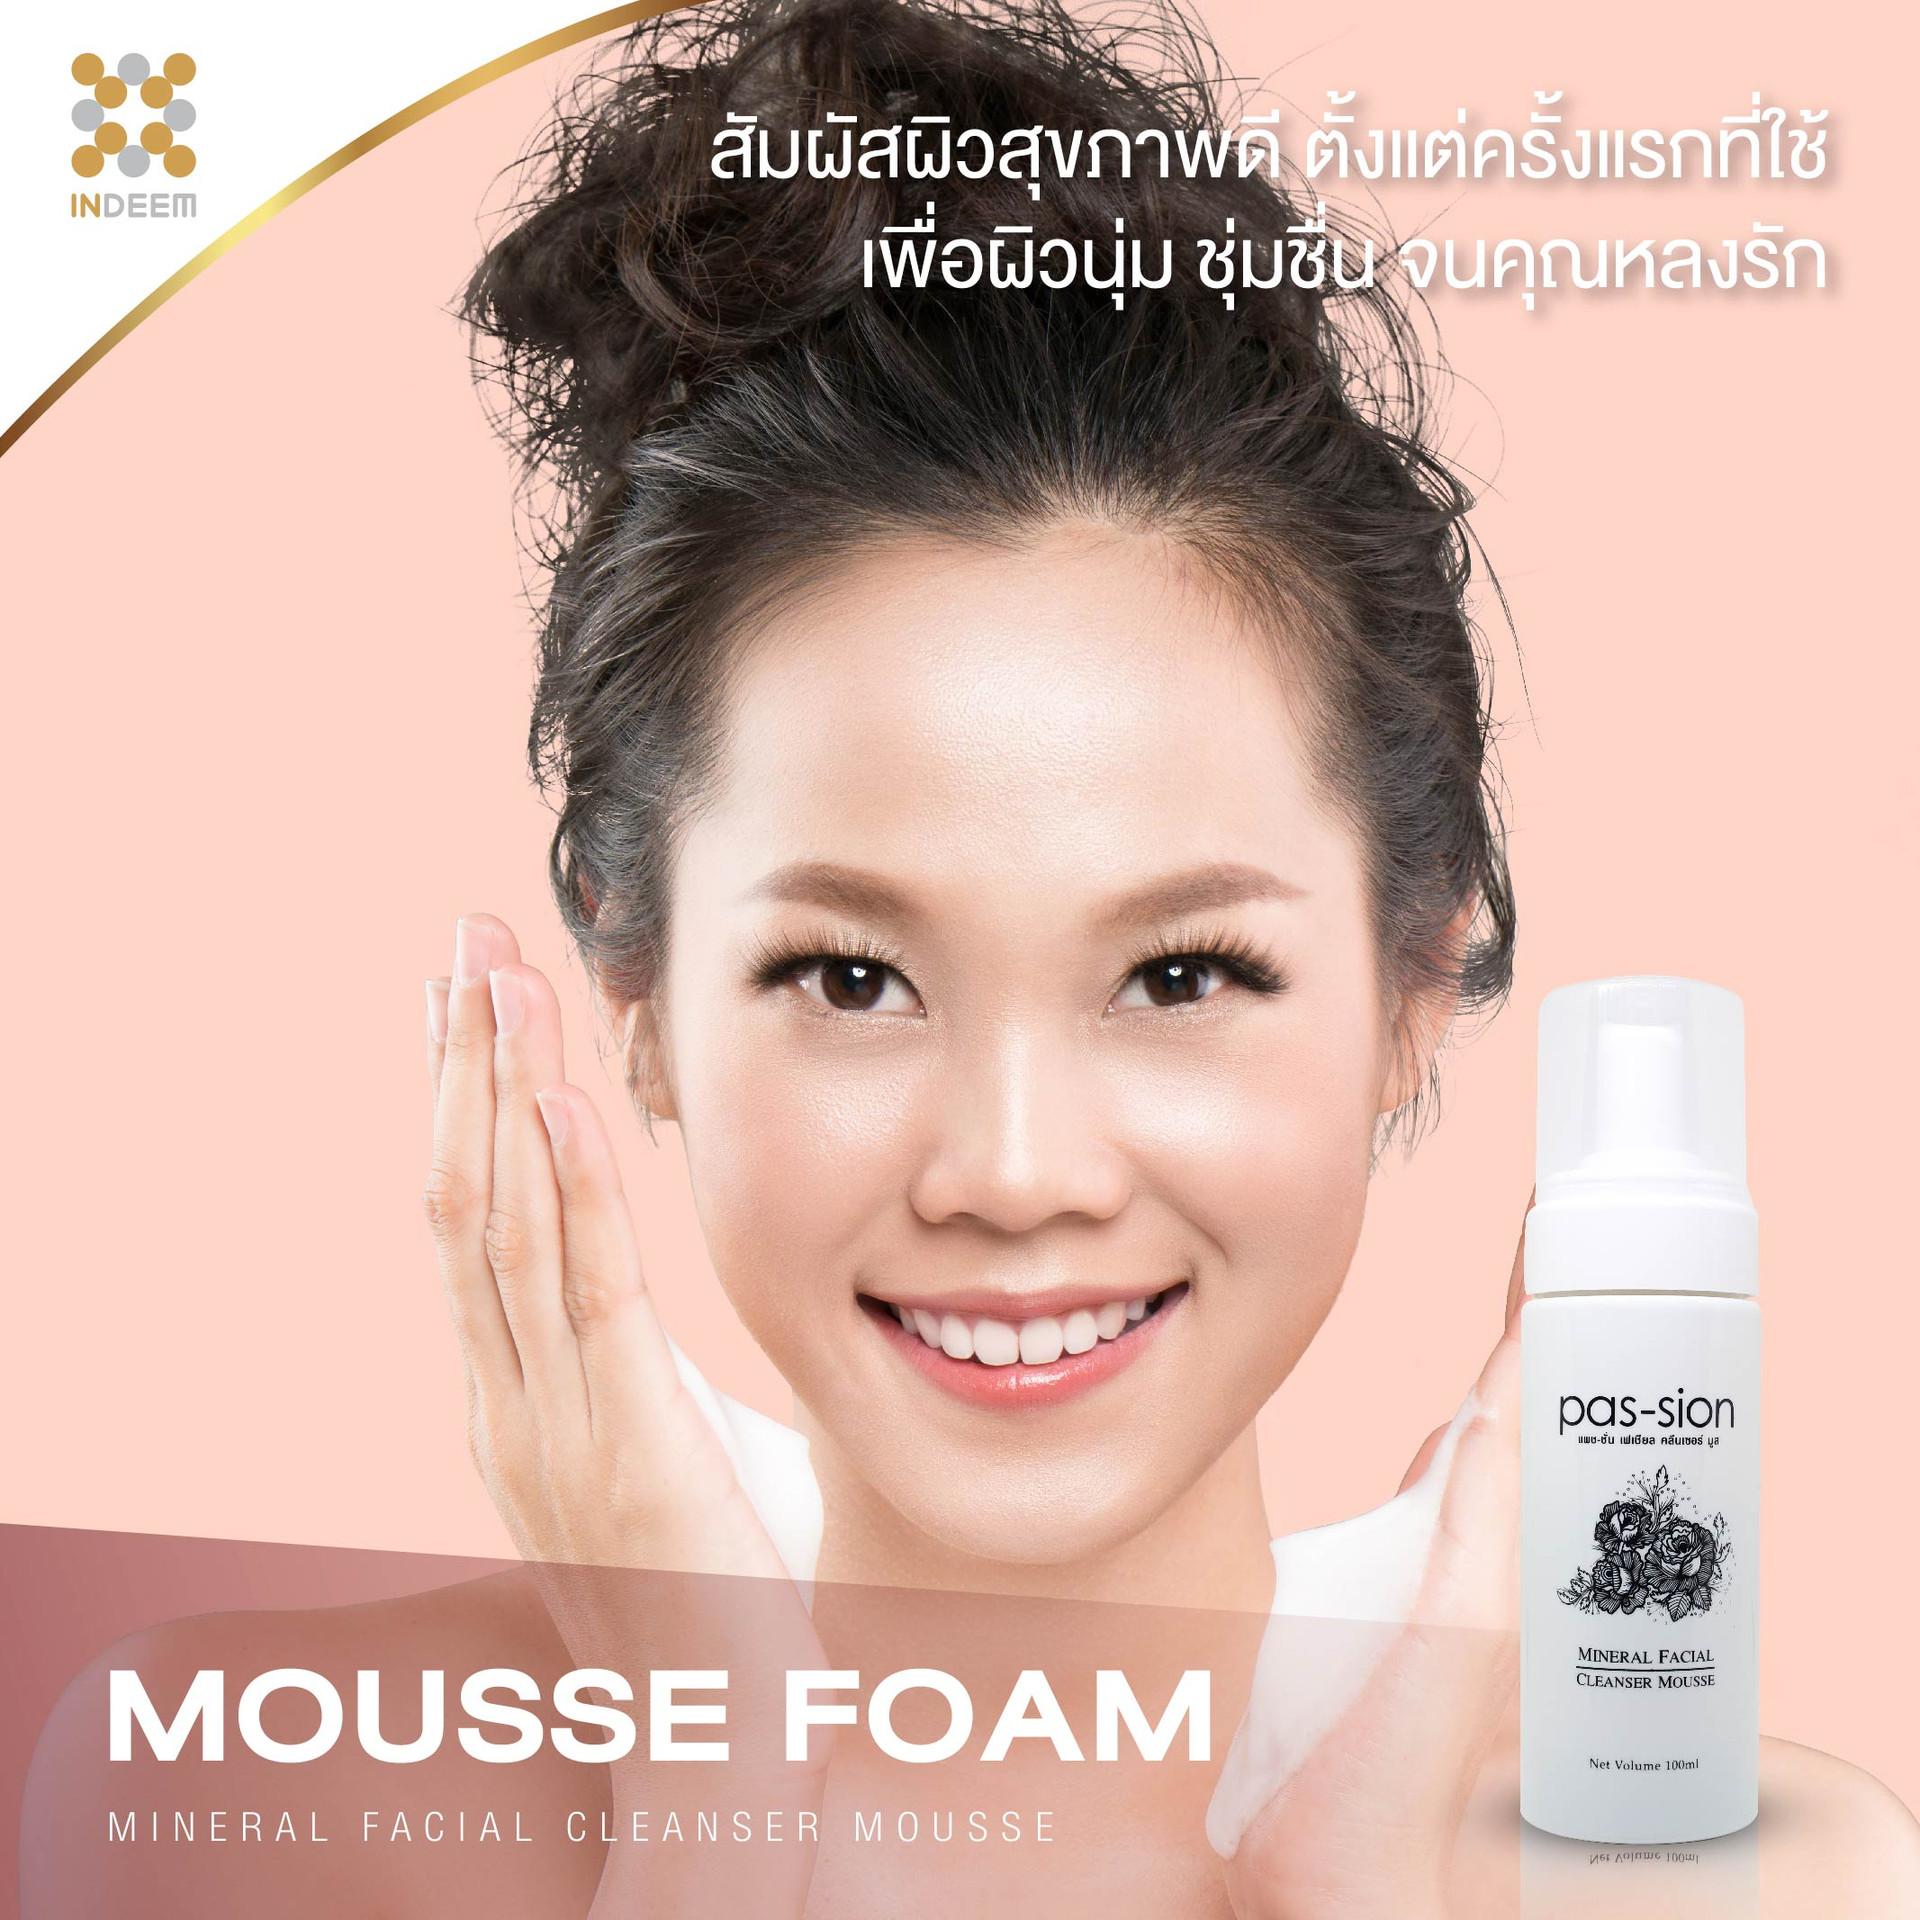 MOUSSE FOAM-01.jpg